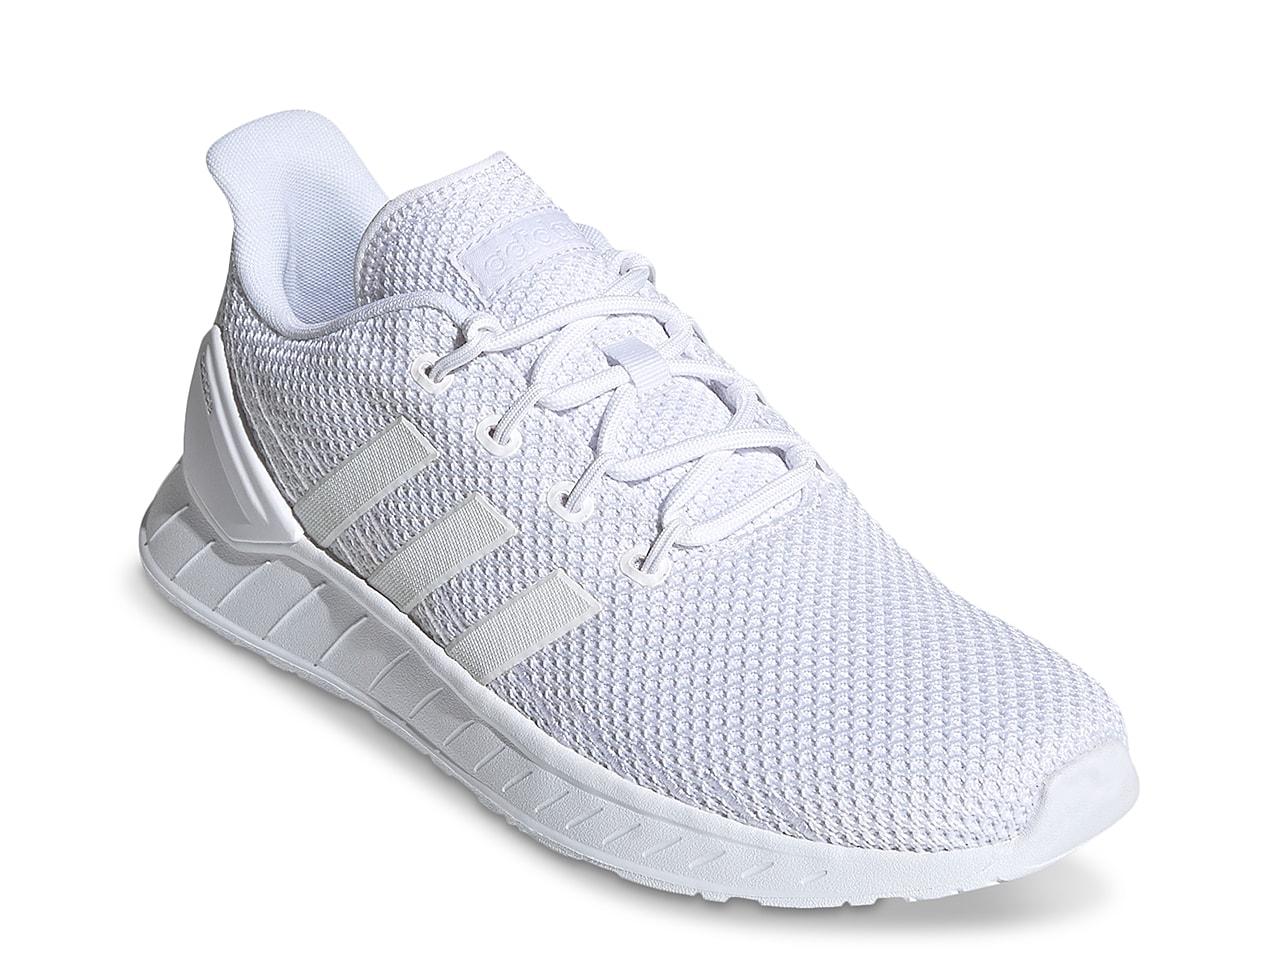 adidas Questar Flow NXT Running Shoe - Men's